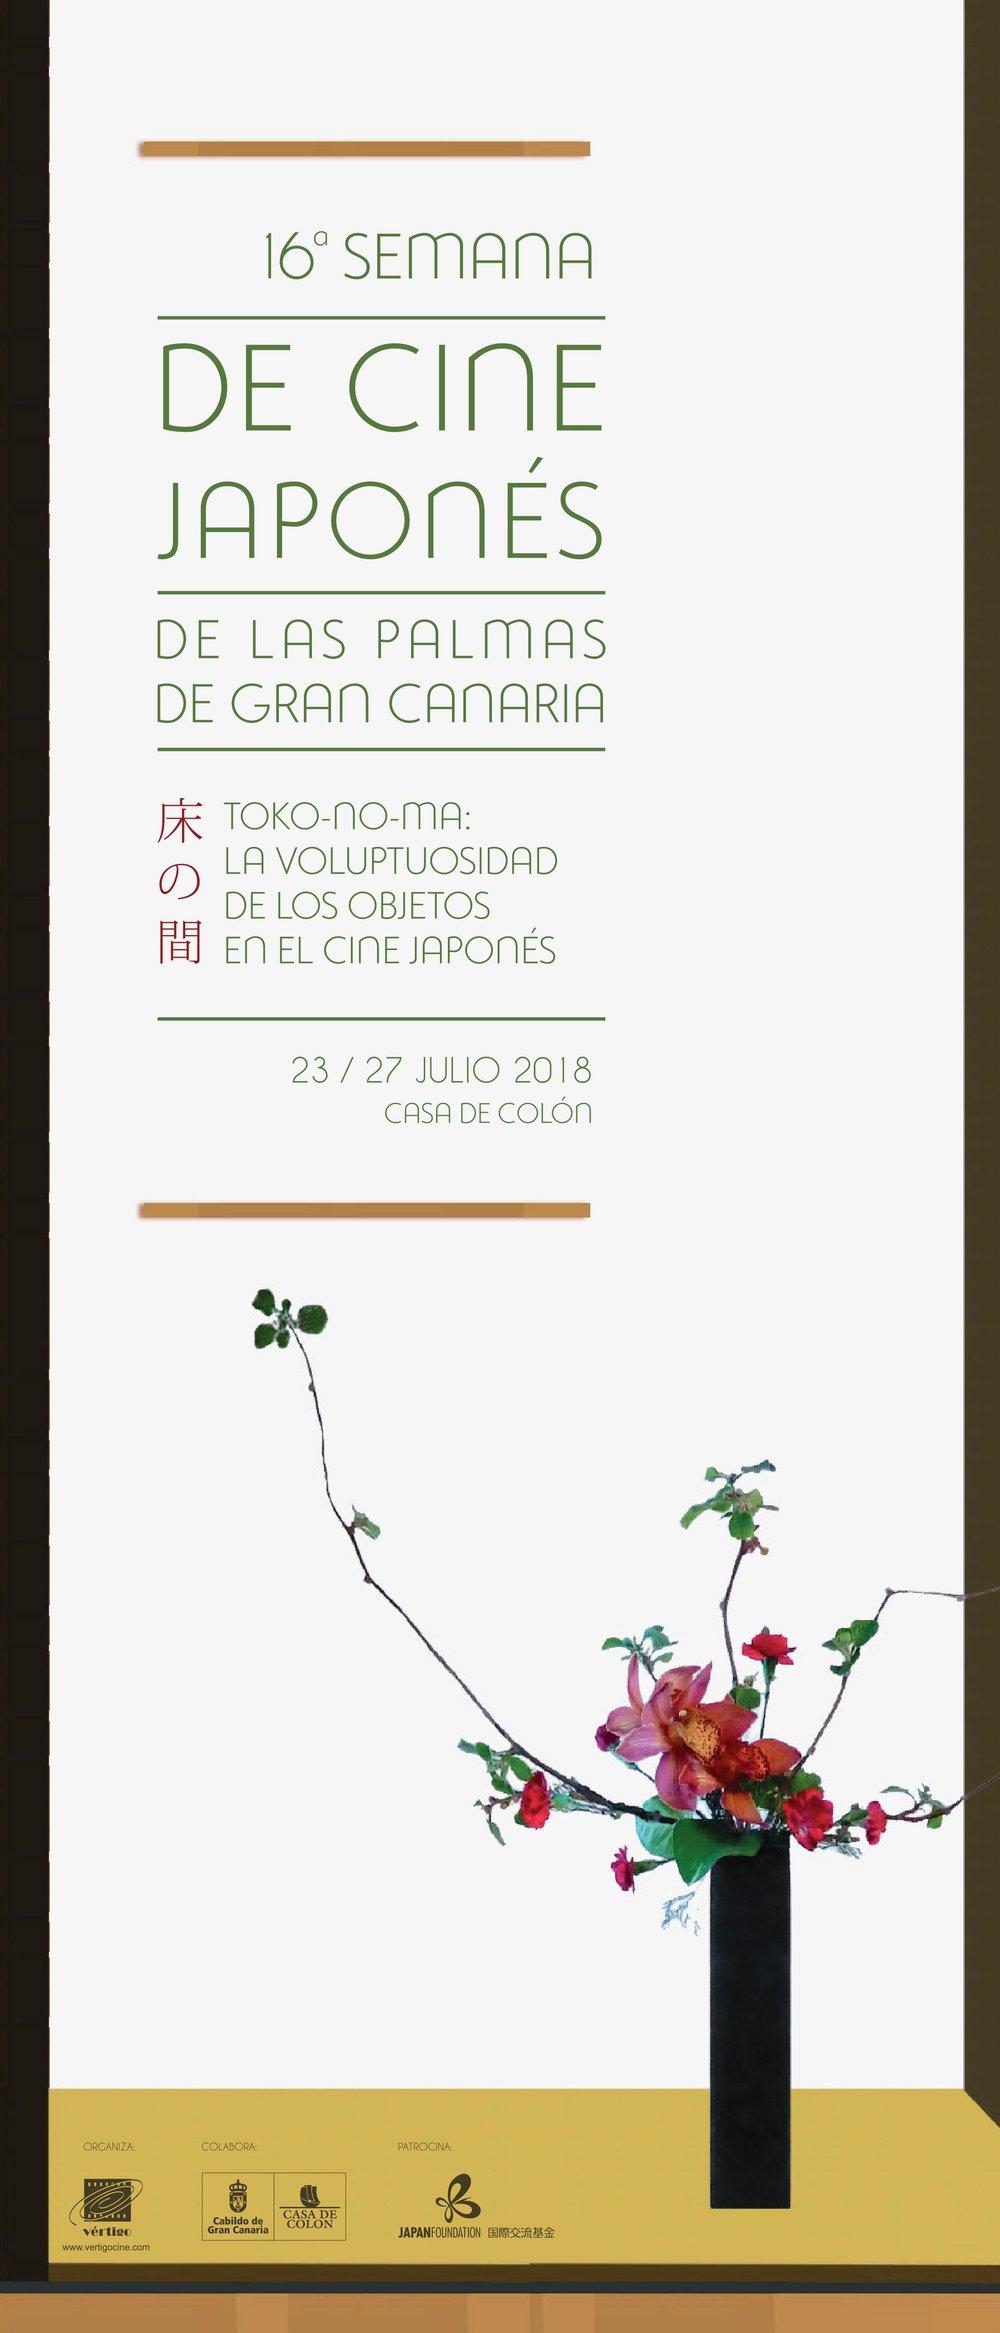 Cartel de la 16ª Semana de Cine Japonés, diseñado por José Manuel Ramírez Hernández